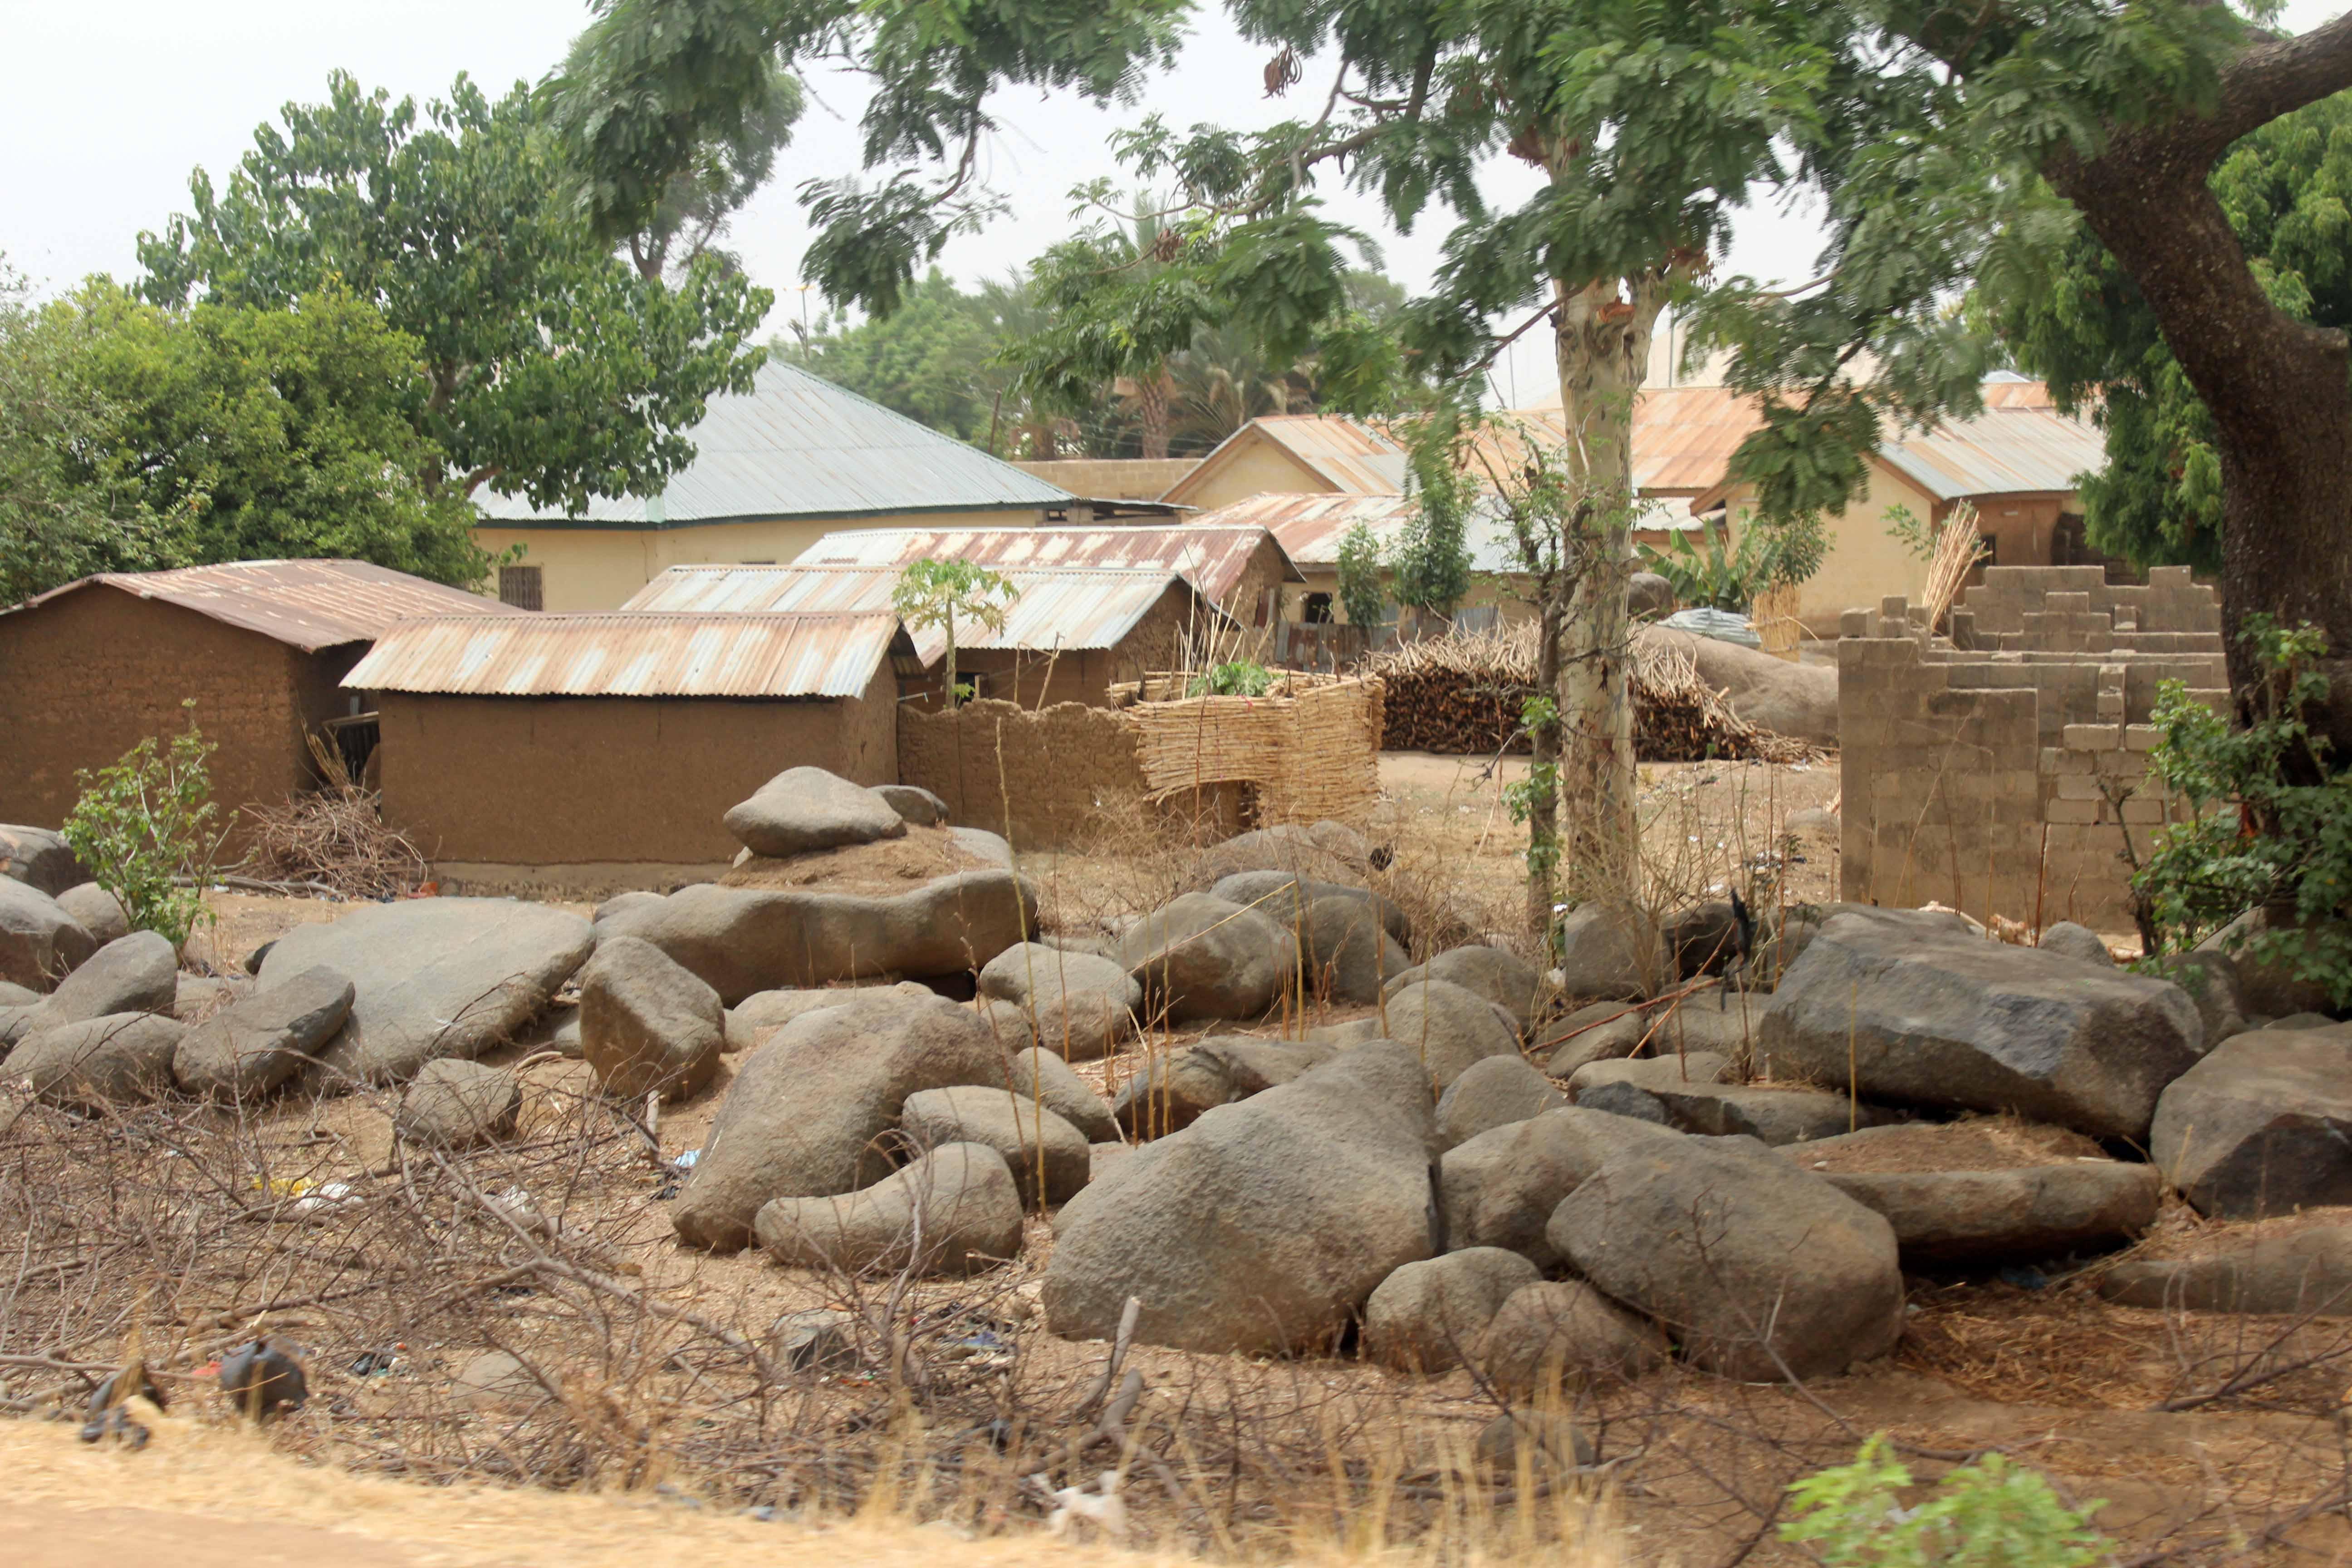 Adobe Village in Jos Nigeria